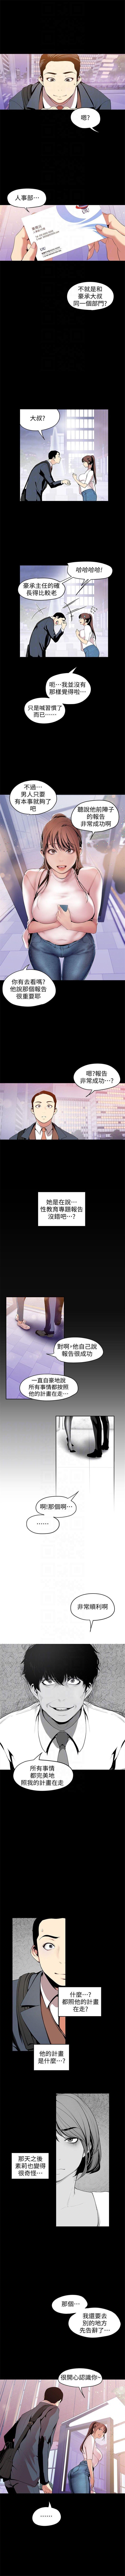 美麗新世界 1-85 官方中文(連載中) 349